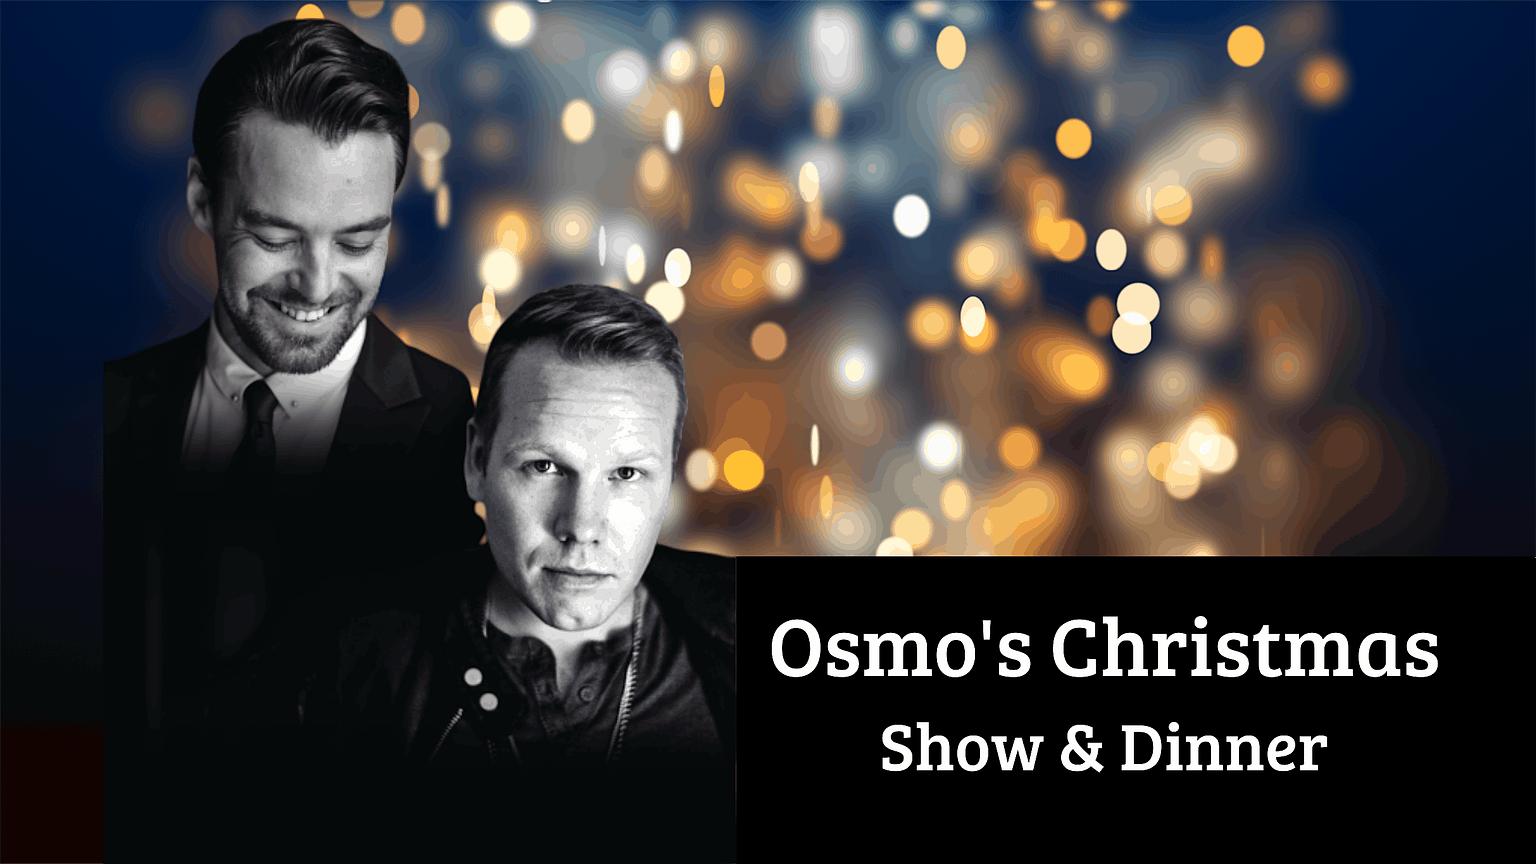 Osmo's Christmas Show & Dinner-tapahtuman kuva